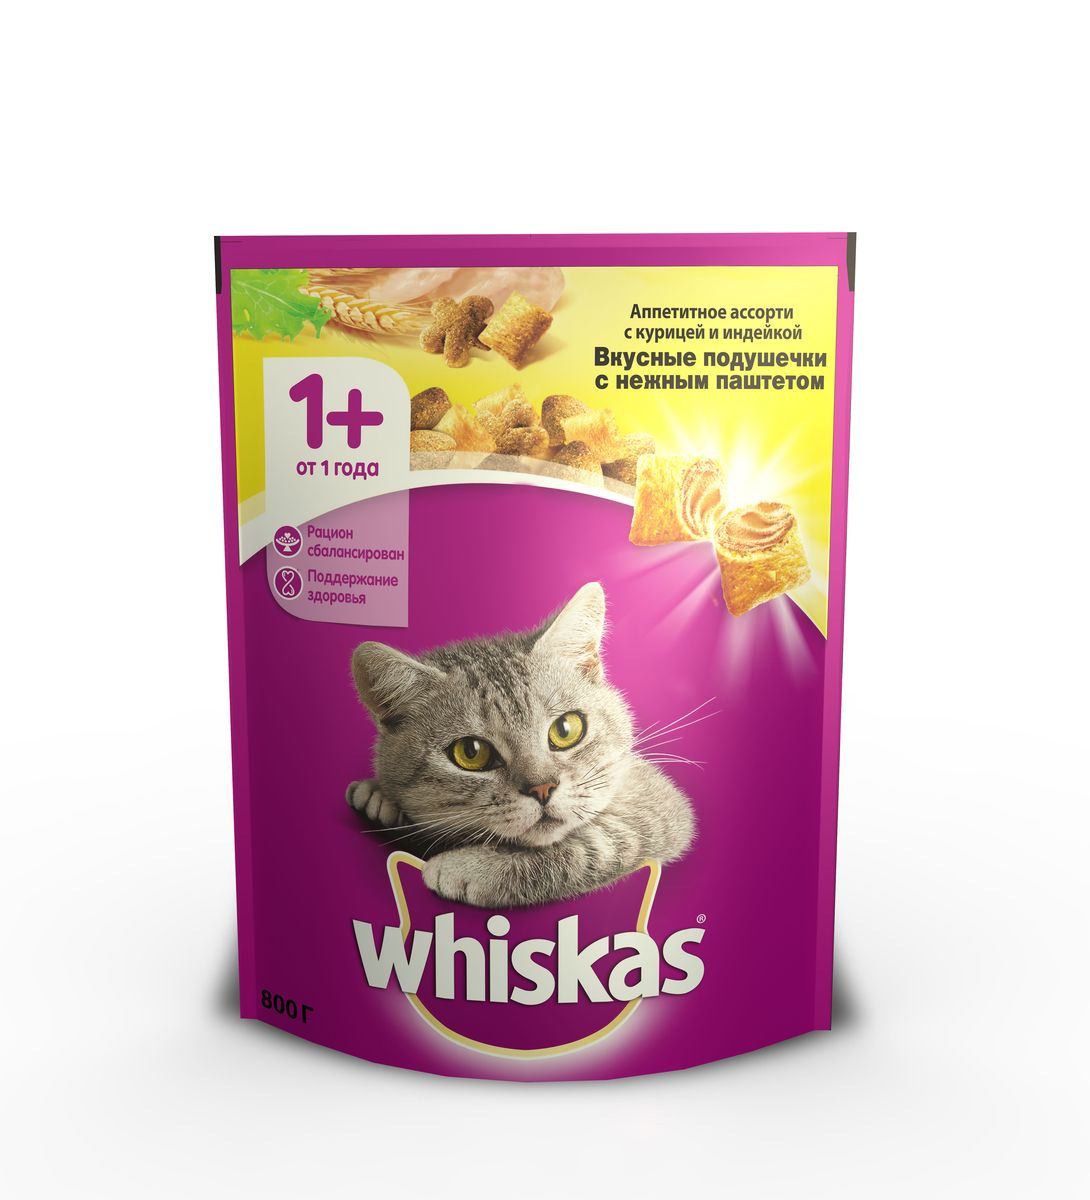 """Корм сухой """"Whiskas"""" для взрослых кошек, подушечки с паштетом с курицей и индейкой, 800 г"""